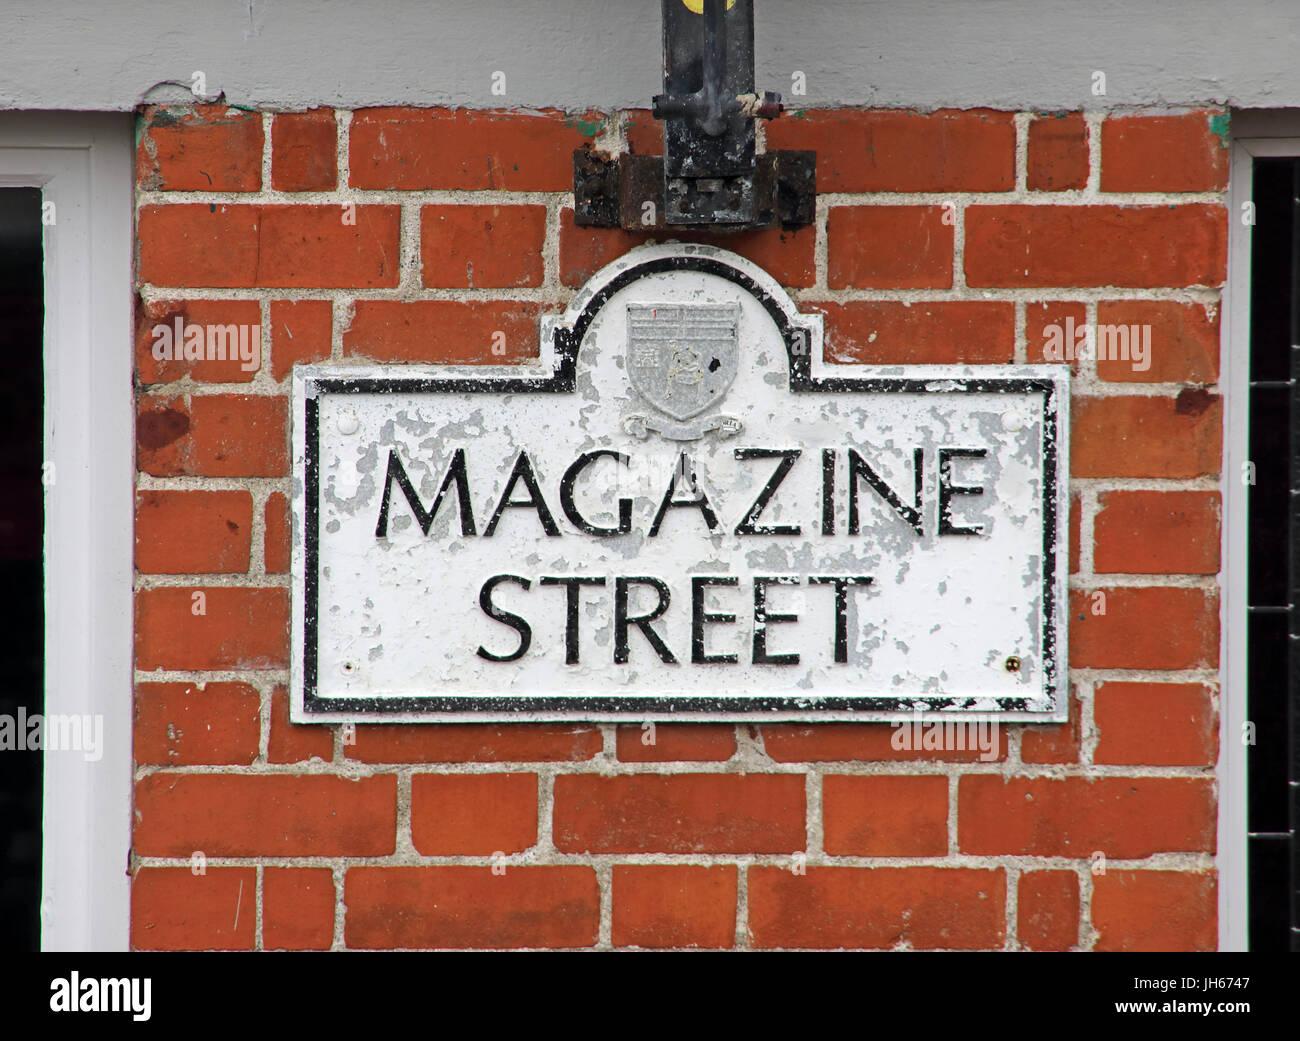 Laden Sie dieses Alamy Stockfoto Zeitschrift St, Londonderry Stadt Nordirland - JH6747